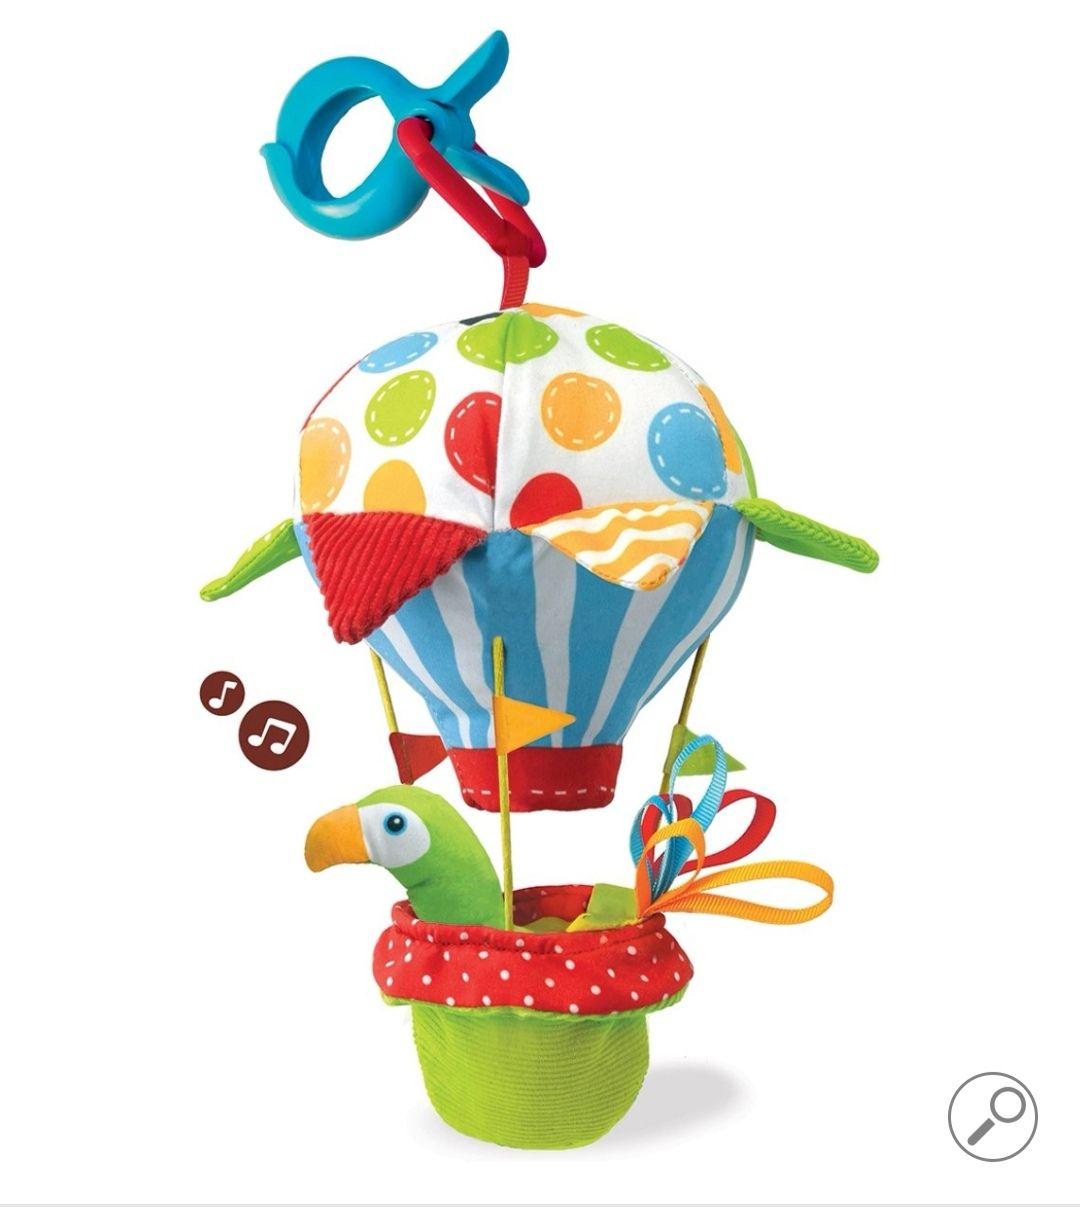 Yookidoo - Speelgoed - voor kinderwagen. @bol.com